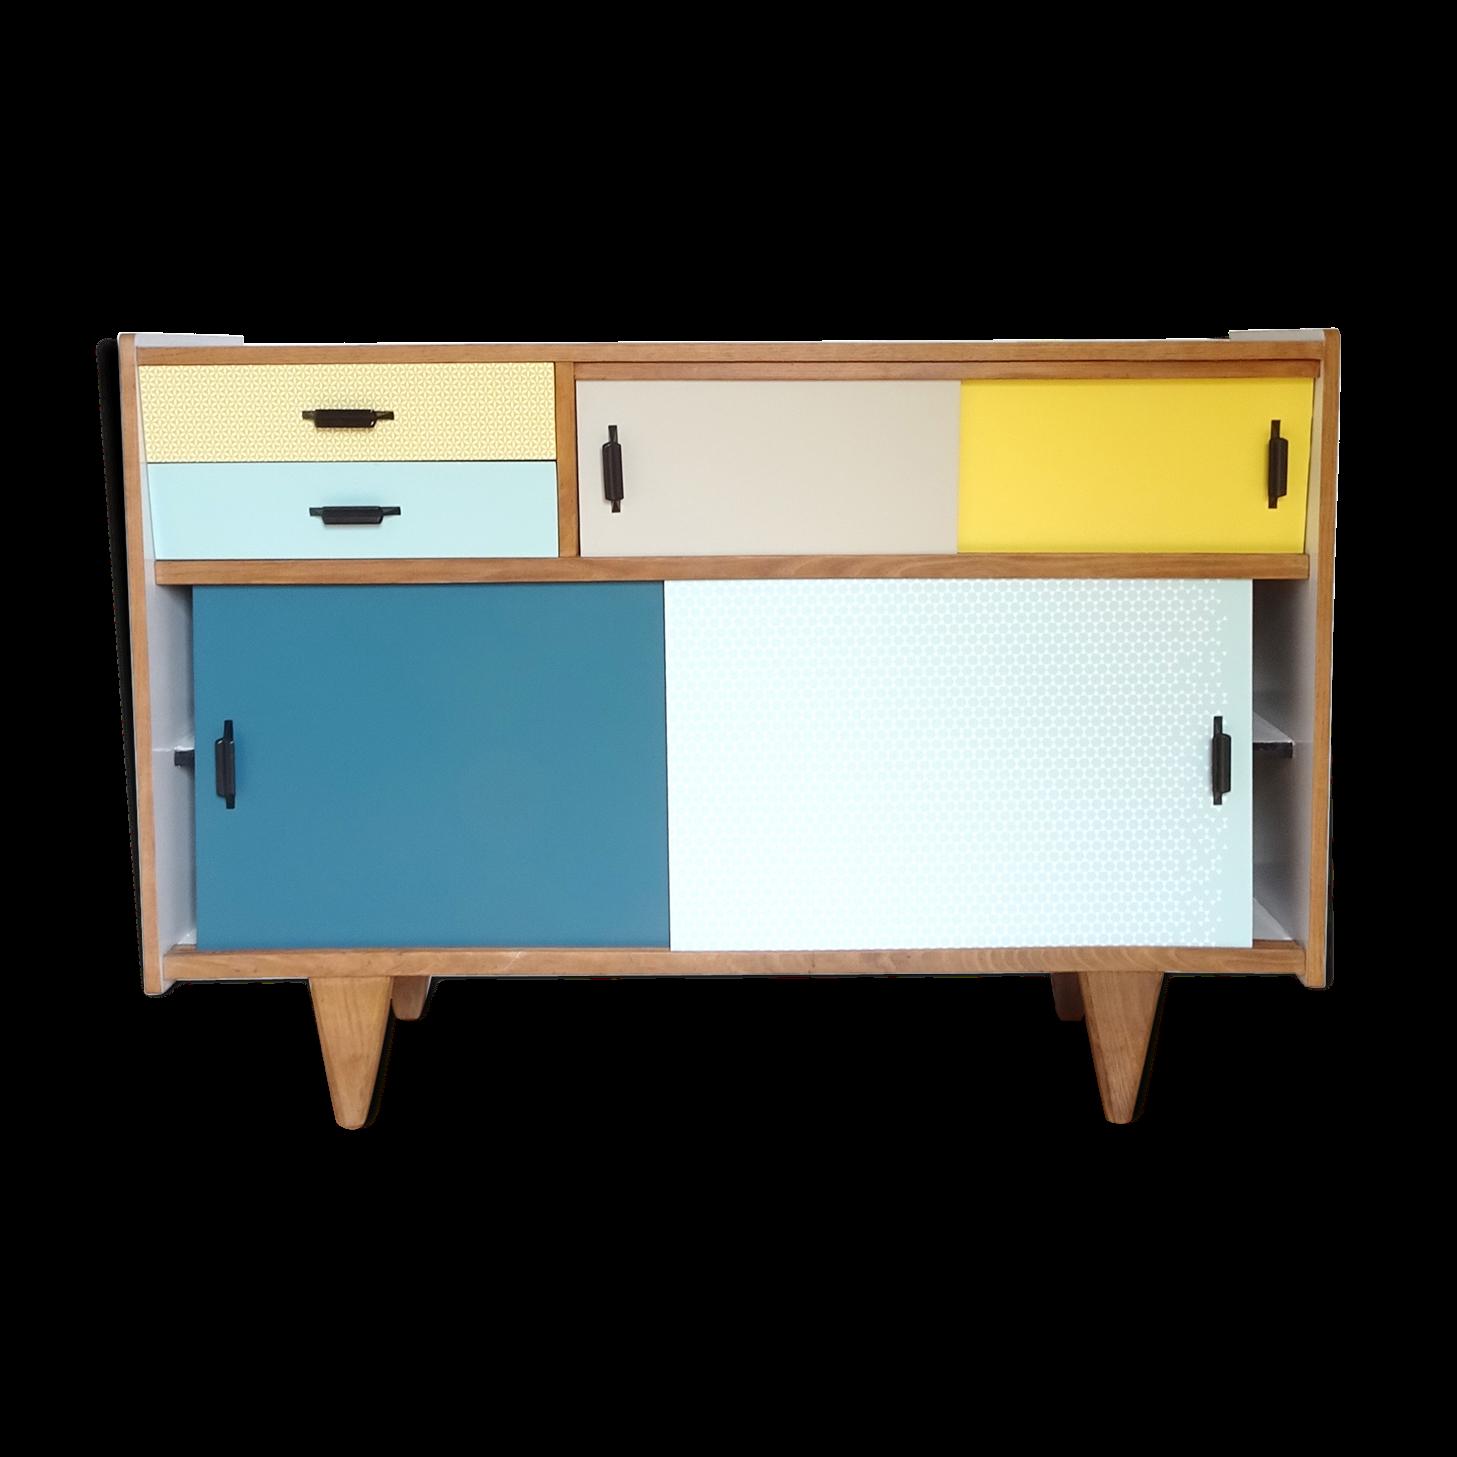 Meuble formica vintage awesome table vintage formica rouge meubles et rangements par archiretro - Recouvrir un meuble en formica ...